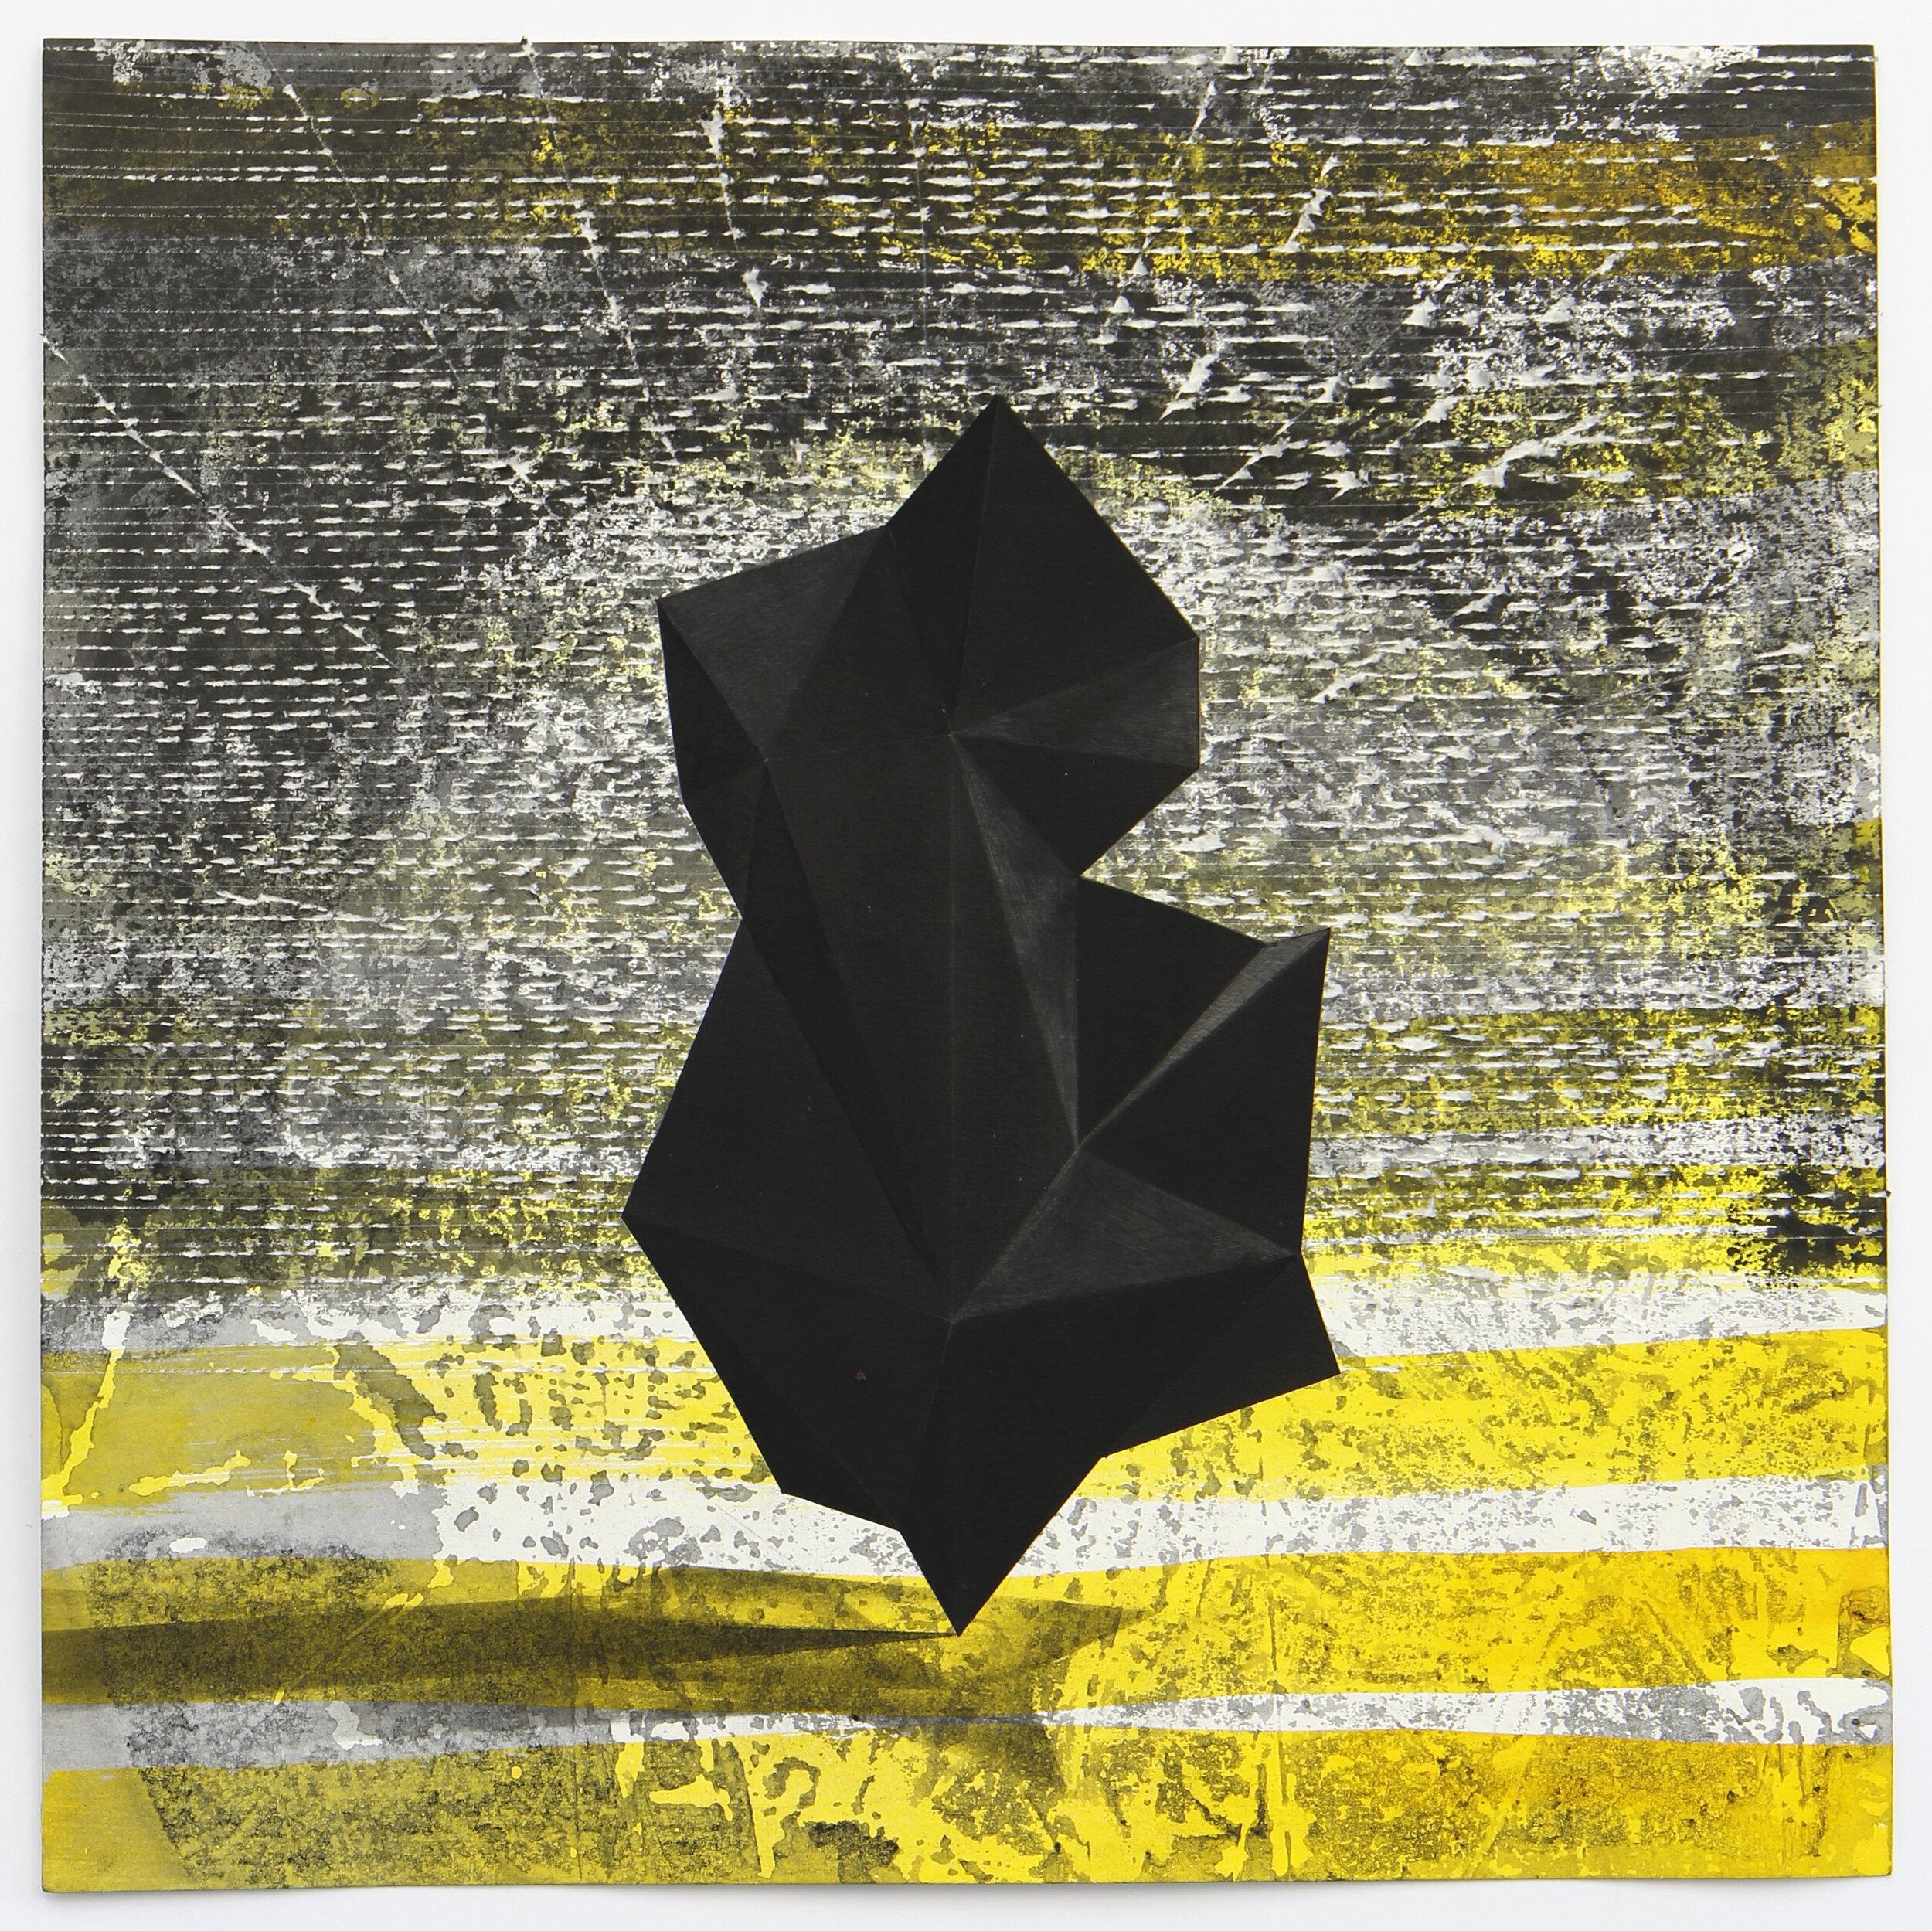 Lenneke van der Goot - Black Sculpture, 30 x 30 cm, gemengde techniek op papier, 2019.jpeg